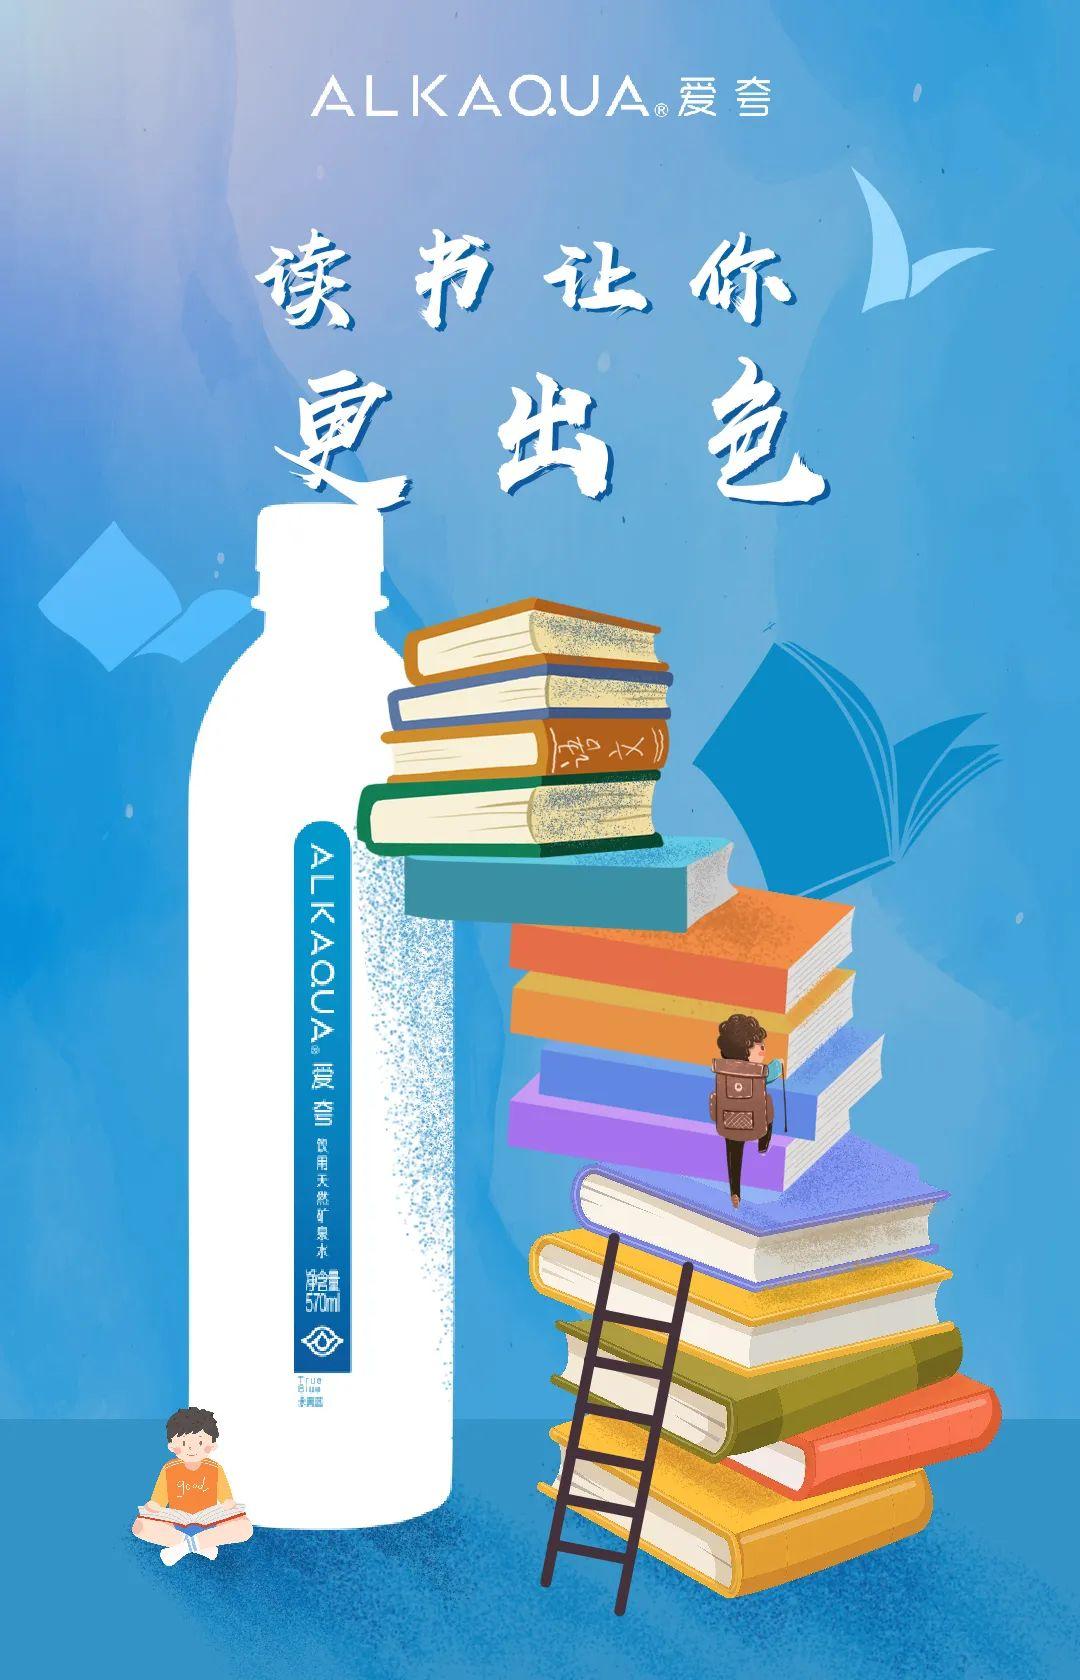 世界读书日文案海报欣赏:别给自己的懒惰找借口!插图51